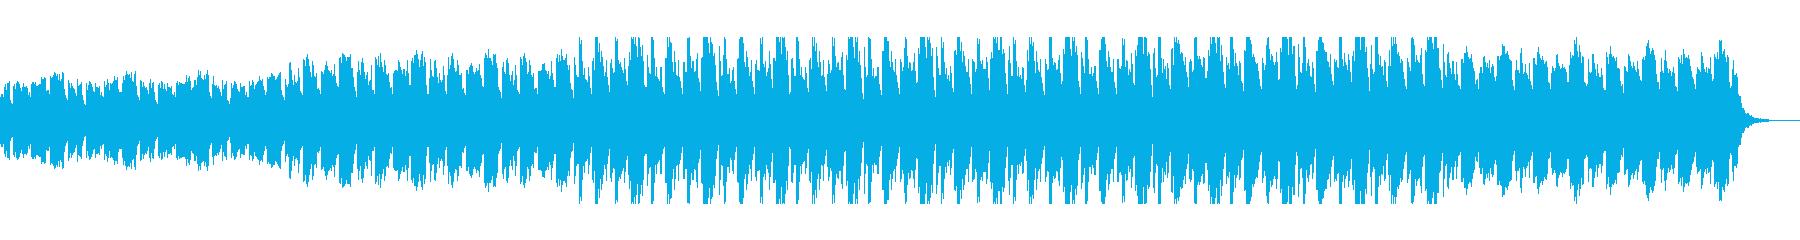 民族的なテンポの良い曲の再生済みの波形